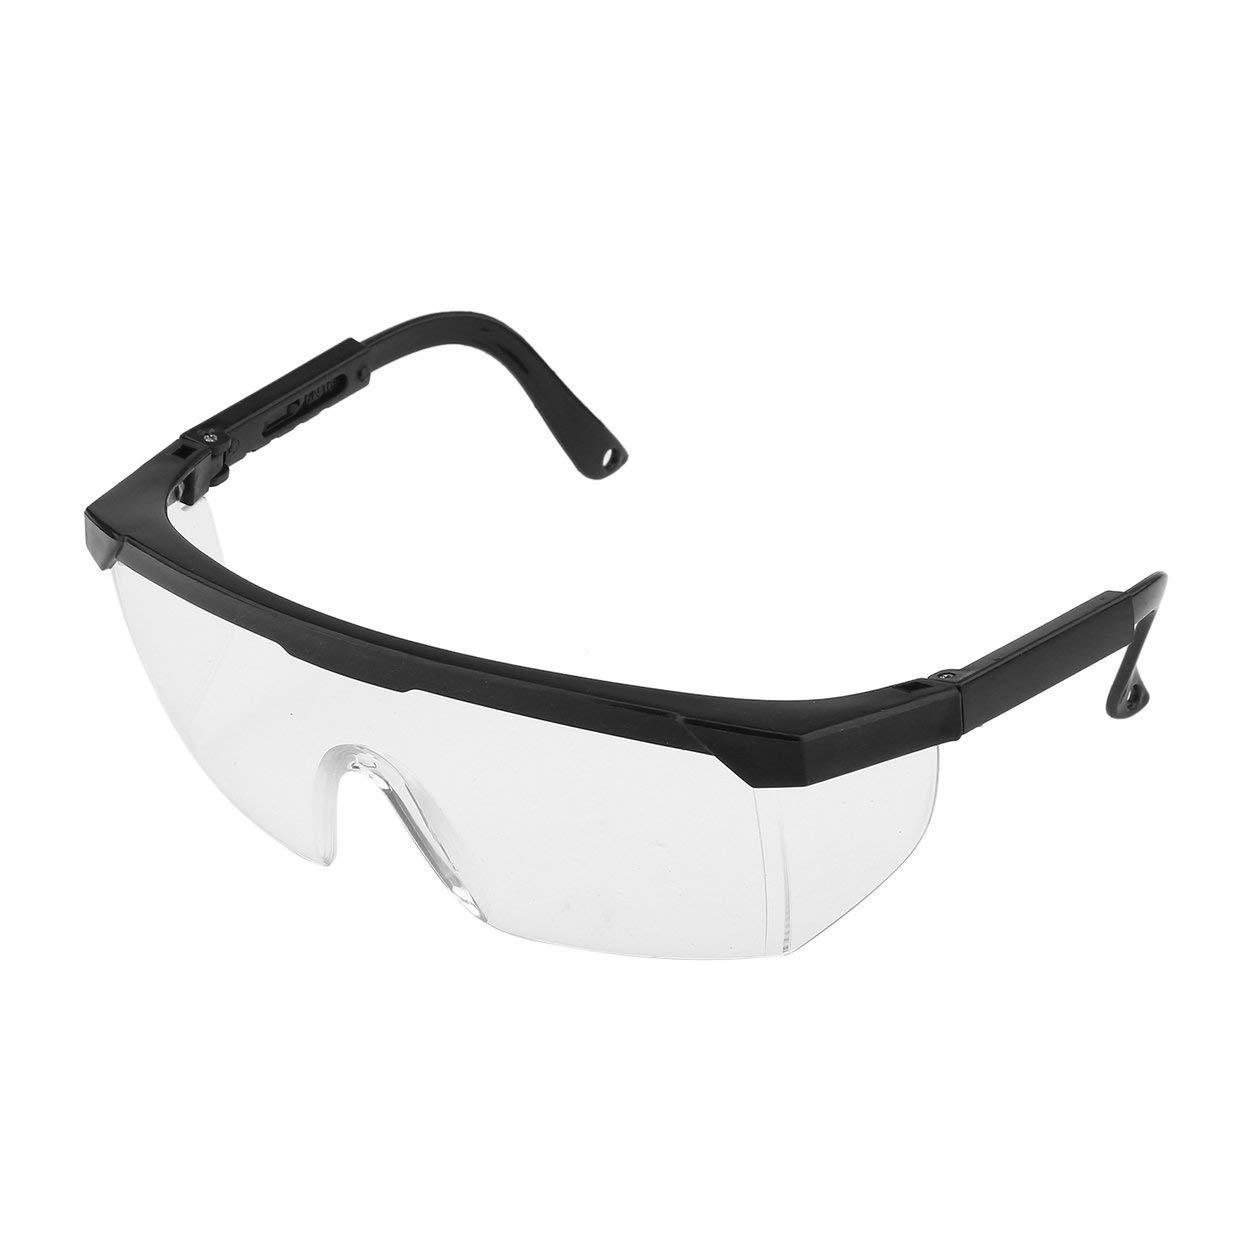 Arbeitssicherheit Augenschutz Brille Schutzbrille Labor Staubfarbe Dental Industrial Anti-Splash Wind Staubdichte Brille